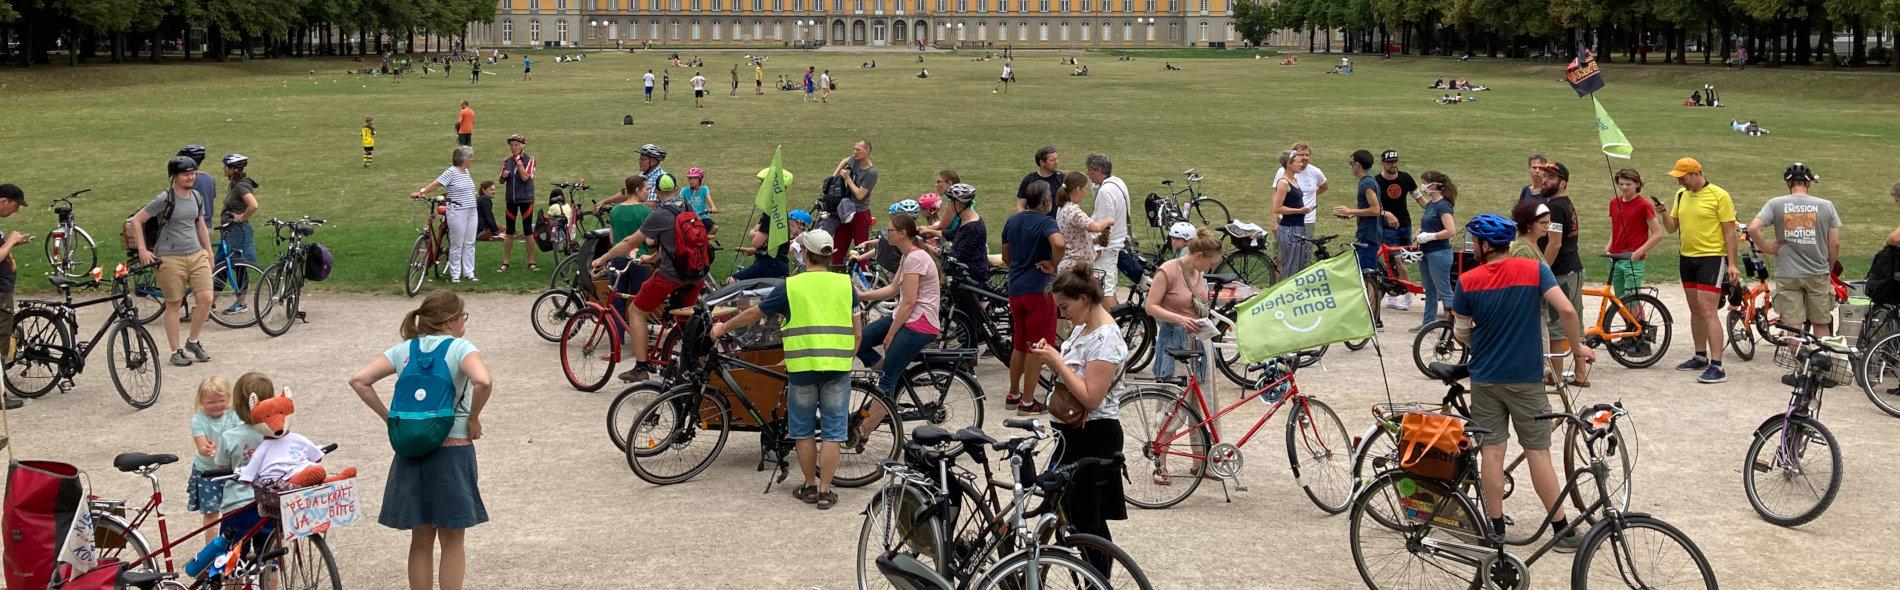 Viele kleine und große Radfahrer:innen warten am Hofgarten auf den Start der Kidical Mass